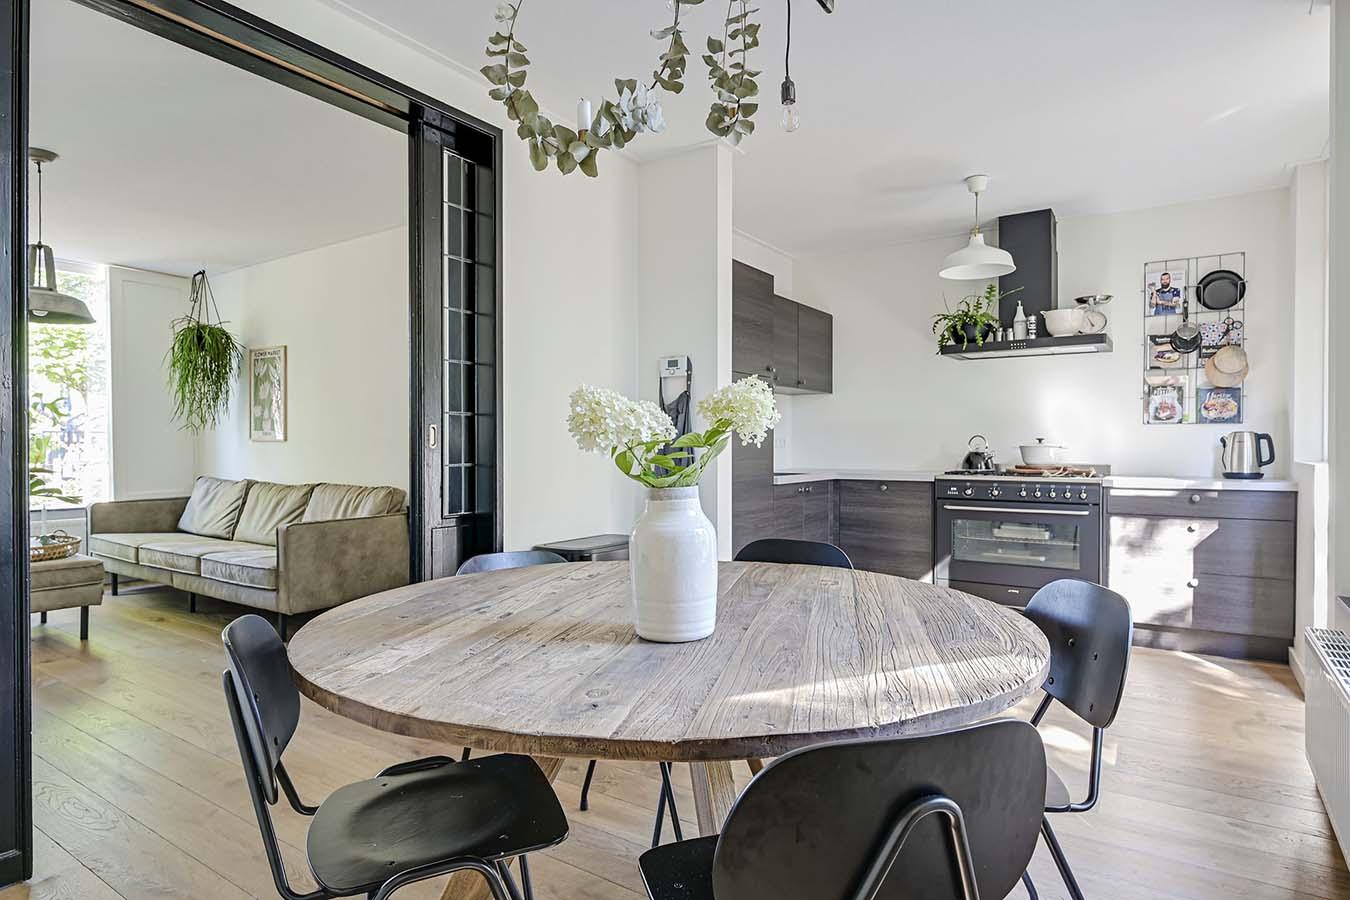 foto eettafel in een woonkeuken